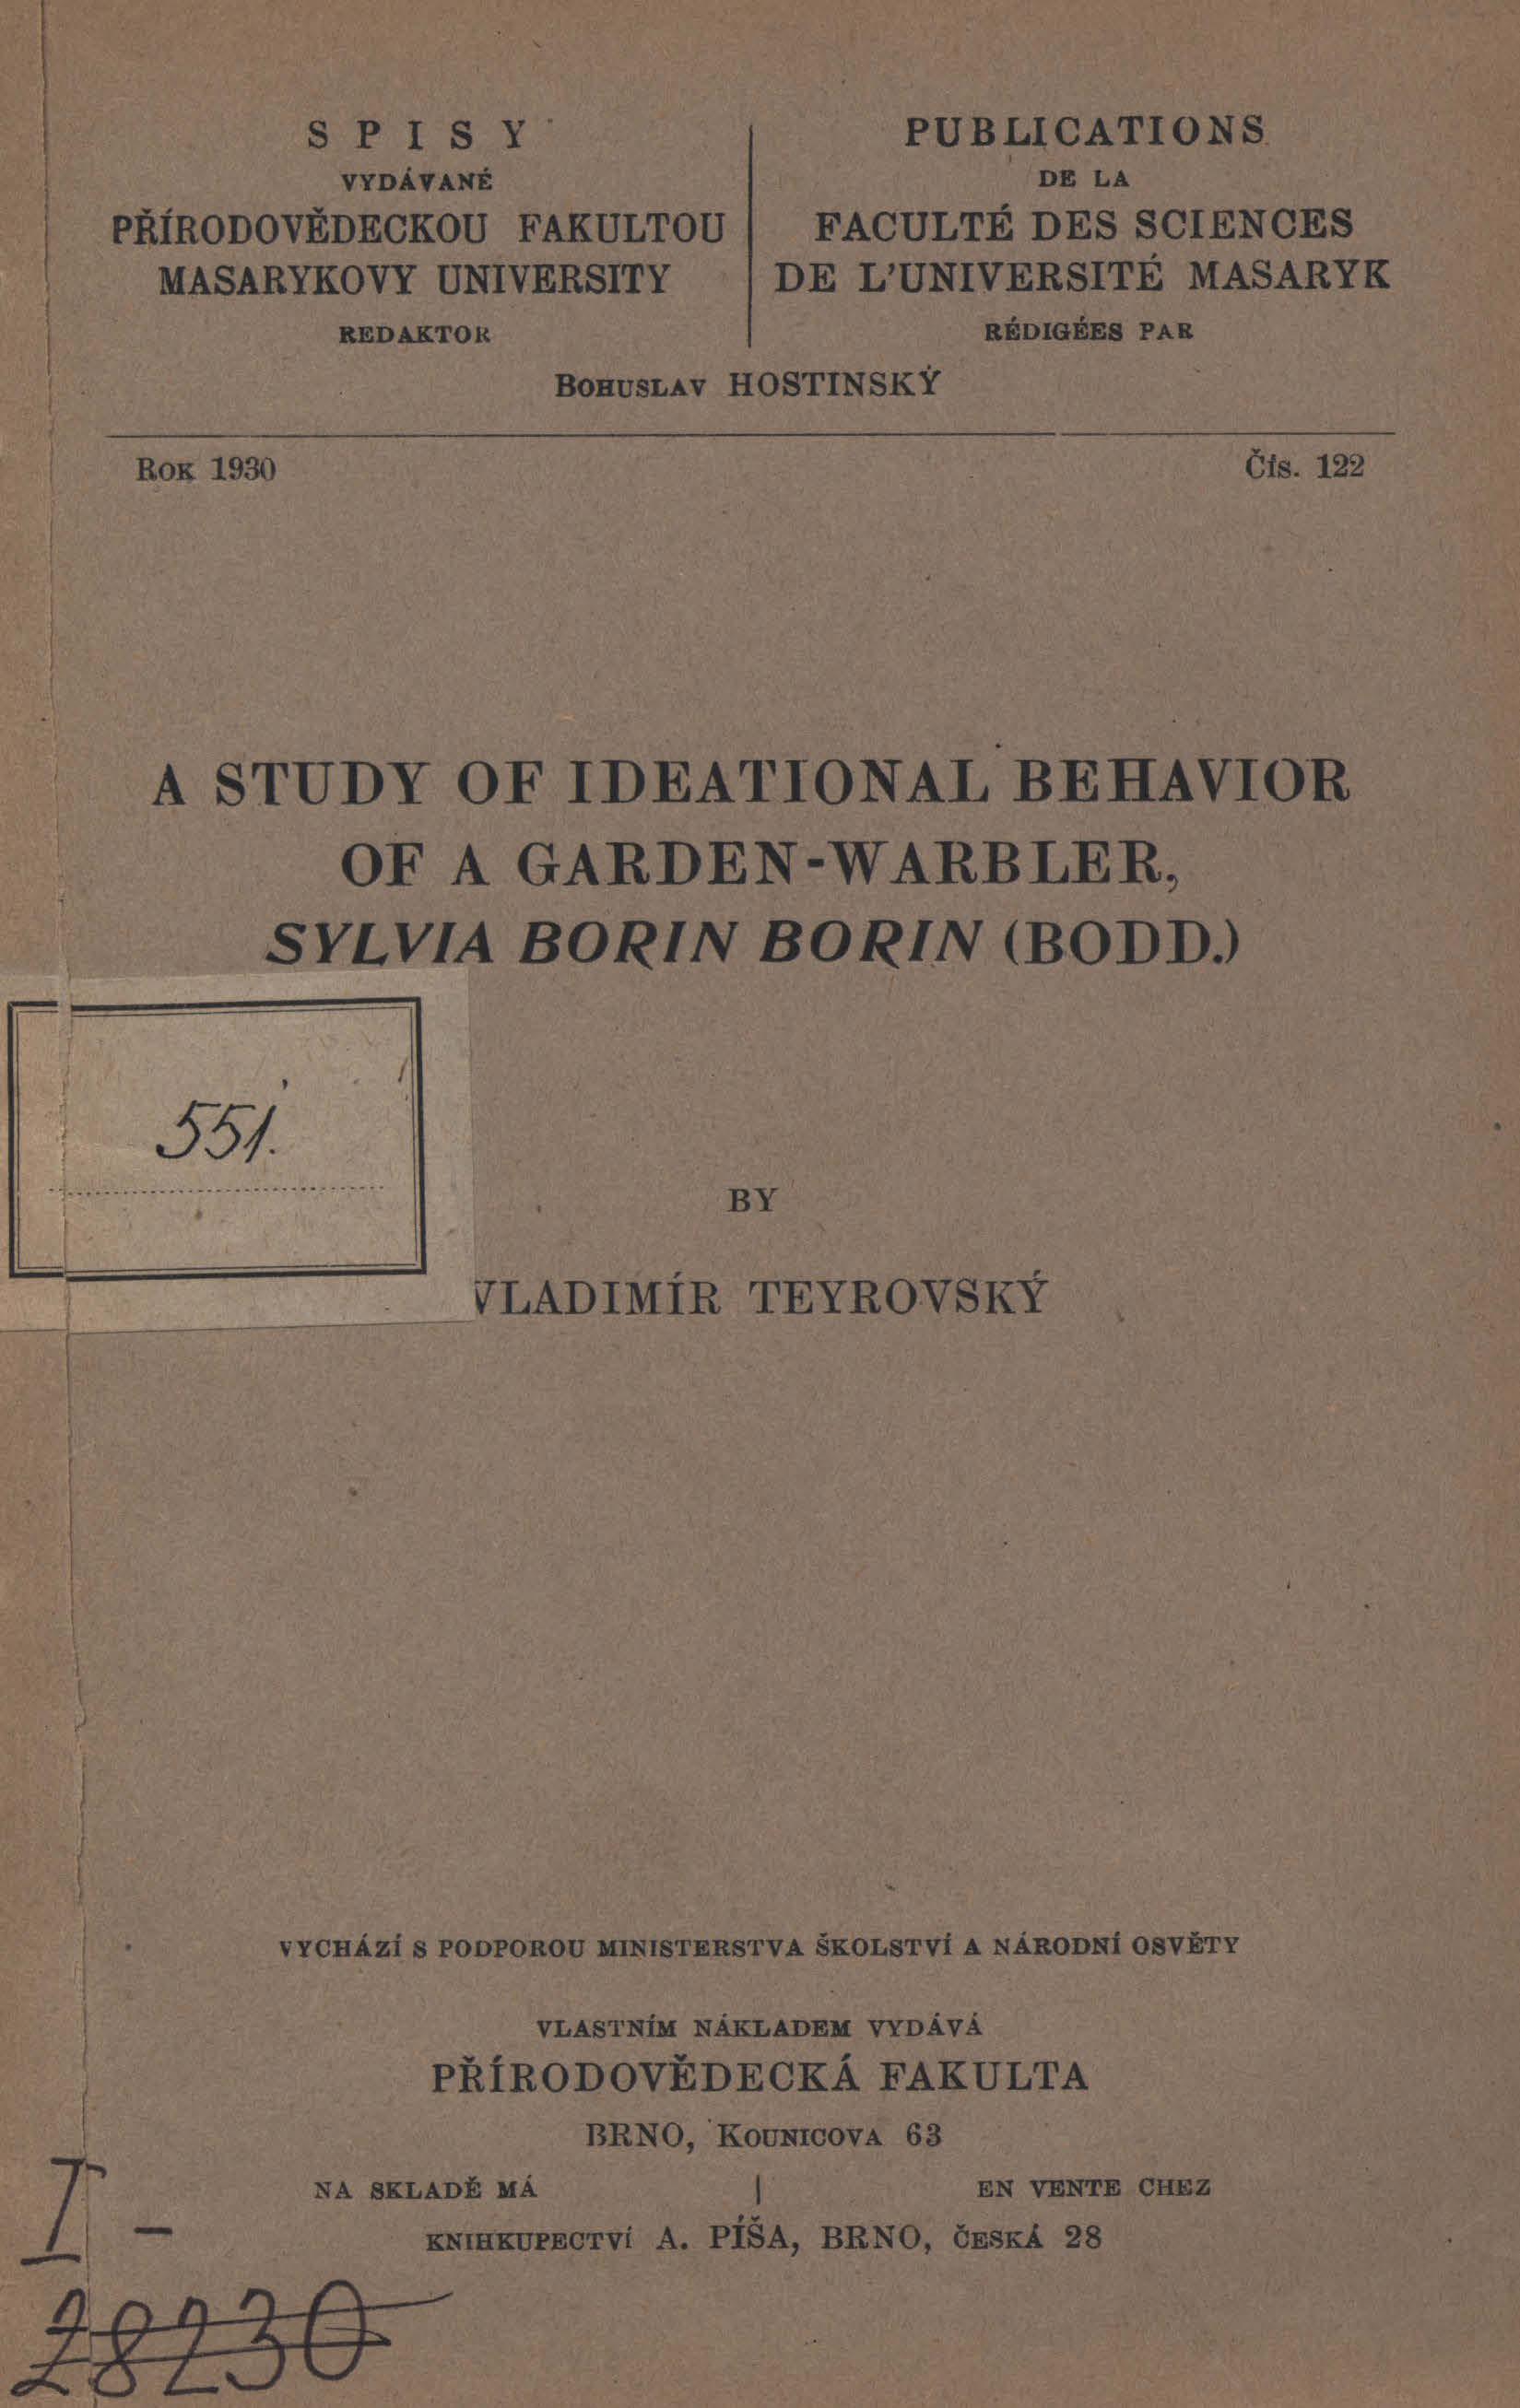 Obálka pro A study of ideational behavior of a garden-warbler, Sylvia Borin Borin : (Bodd)